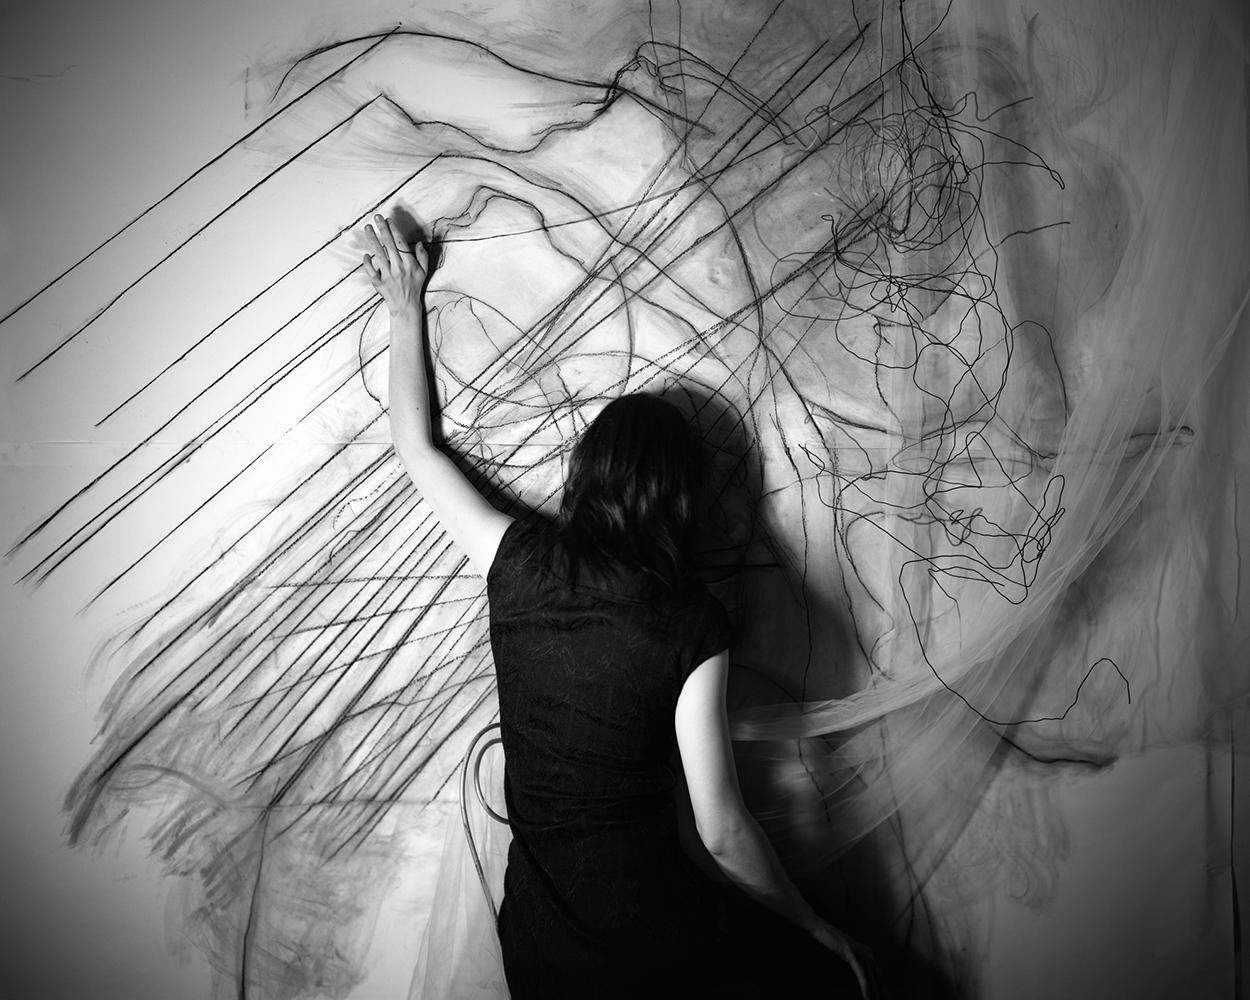 Lauren Semivan,  Labyrinth,  2010. Archival pigment print.